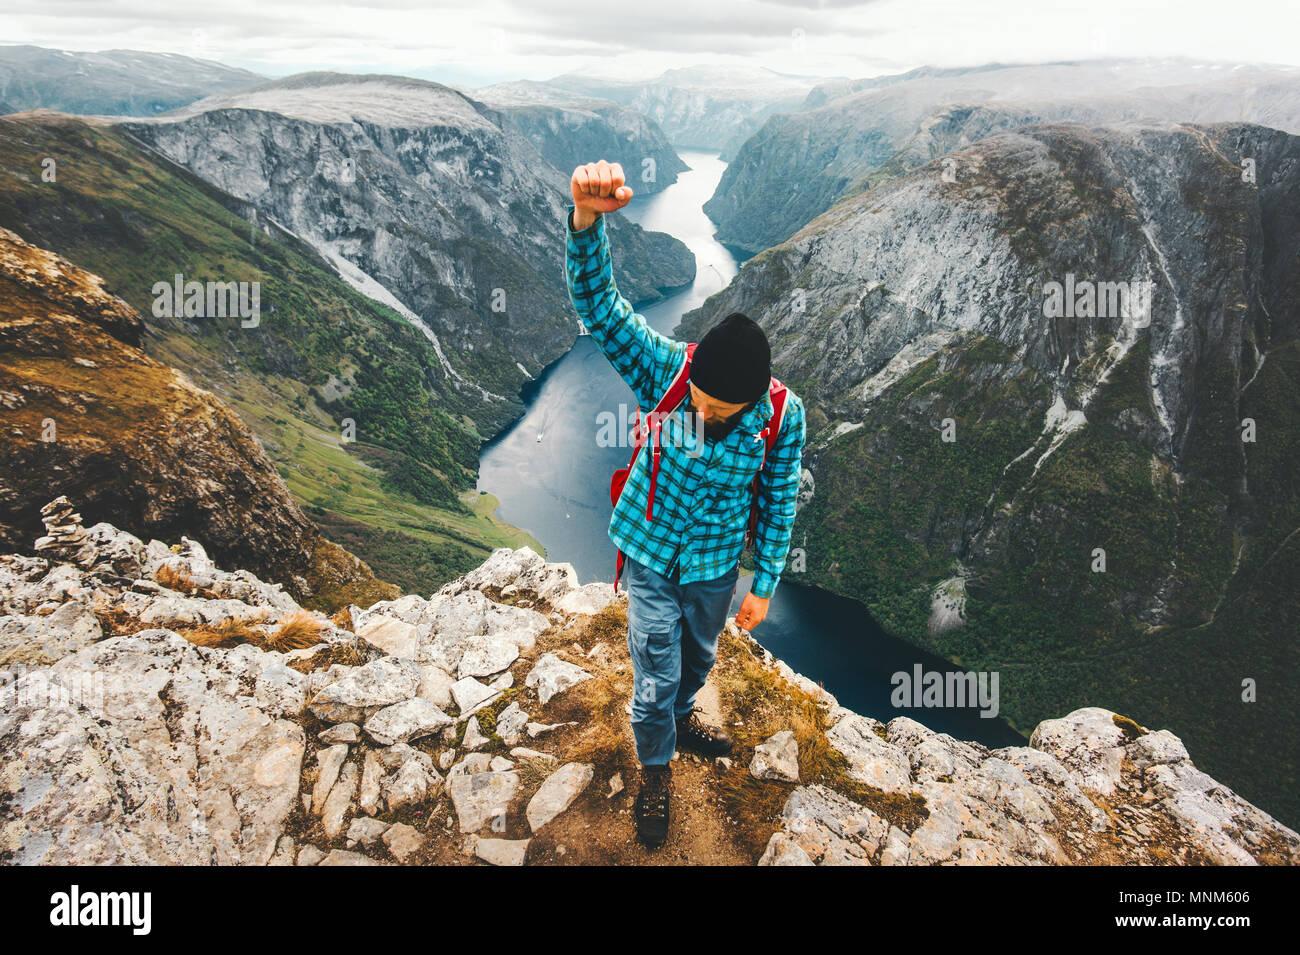 Glückliche Menschen in Norwegen Bergen aktiven Lebensstil Wochenende Abenteuer Ferien erfolg Sieger Konzept Luftaufnahme Landschaft reisen Stockbild